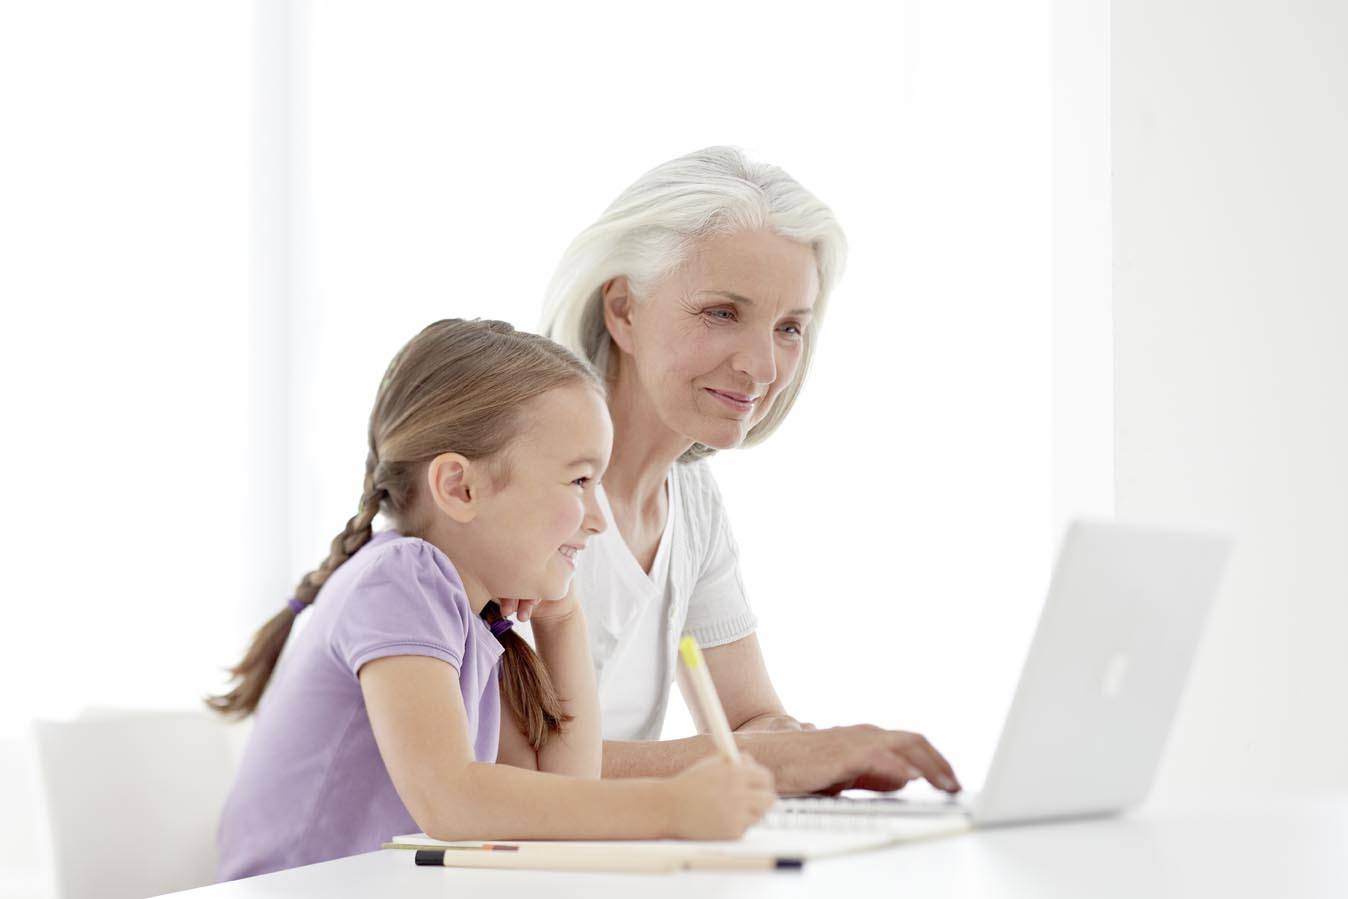 Grossmutter-und-Enkelin-beim-Lernen-web